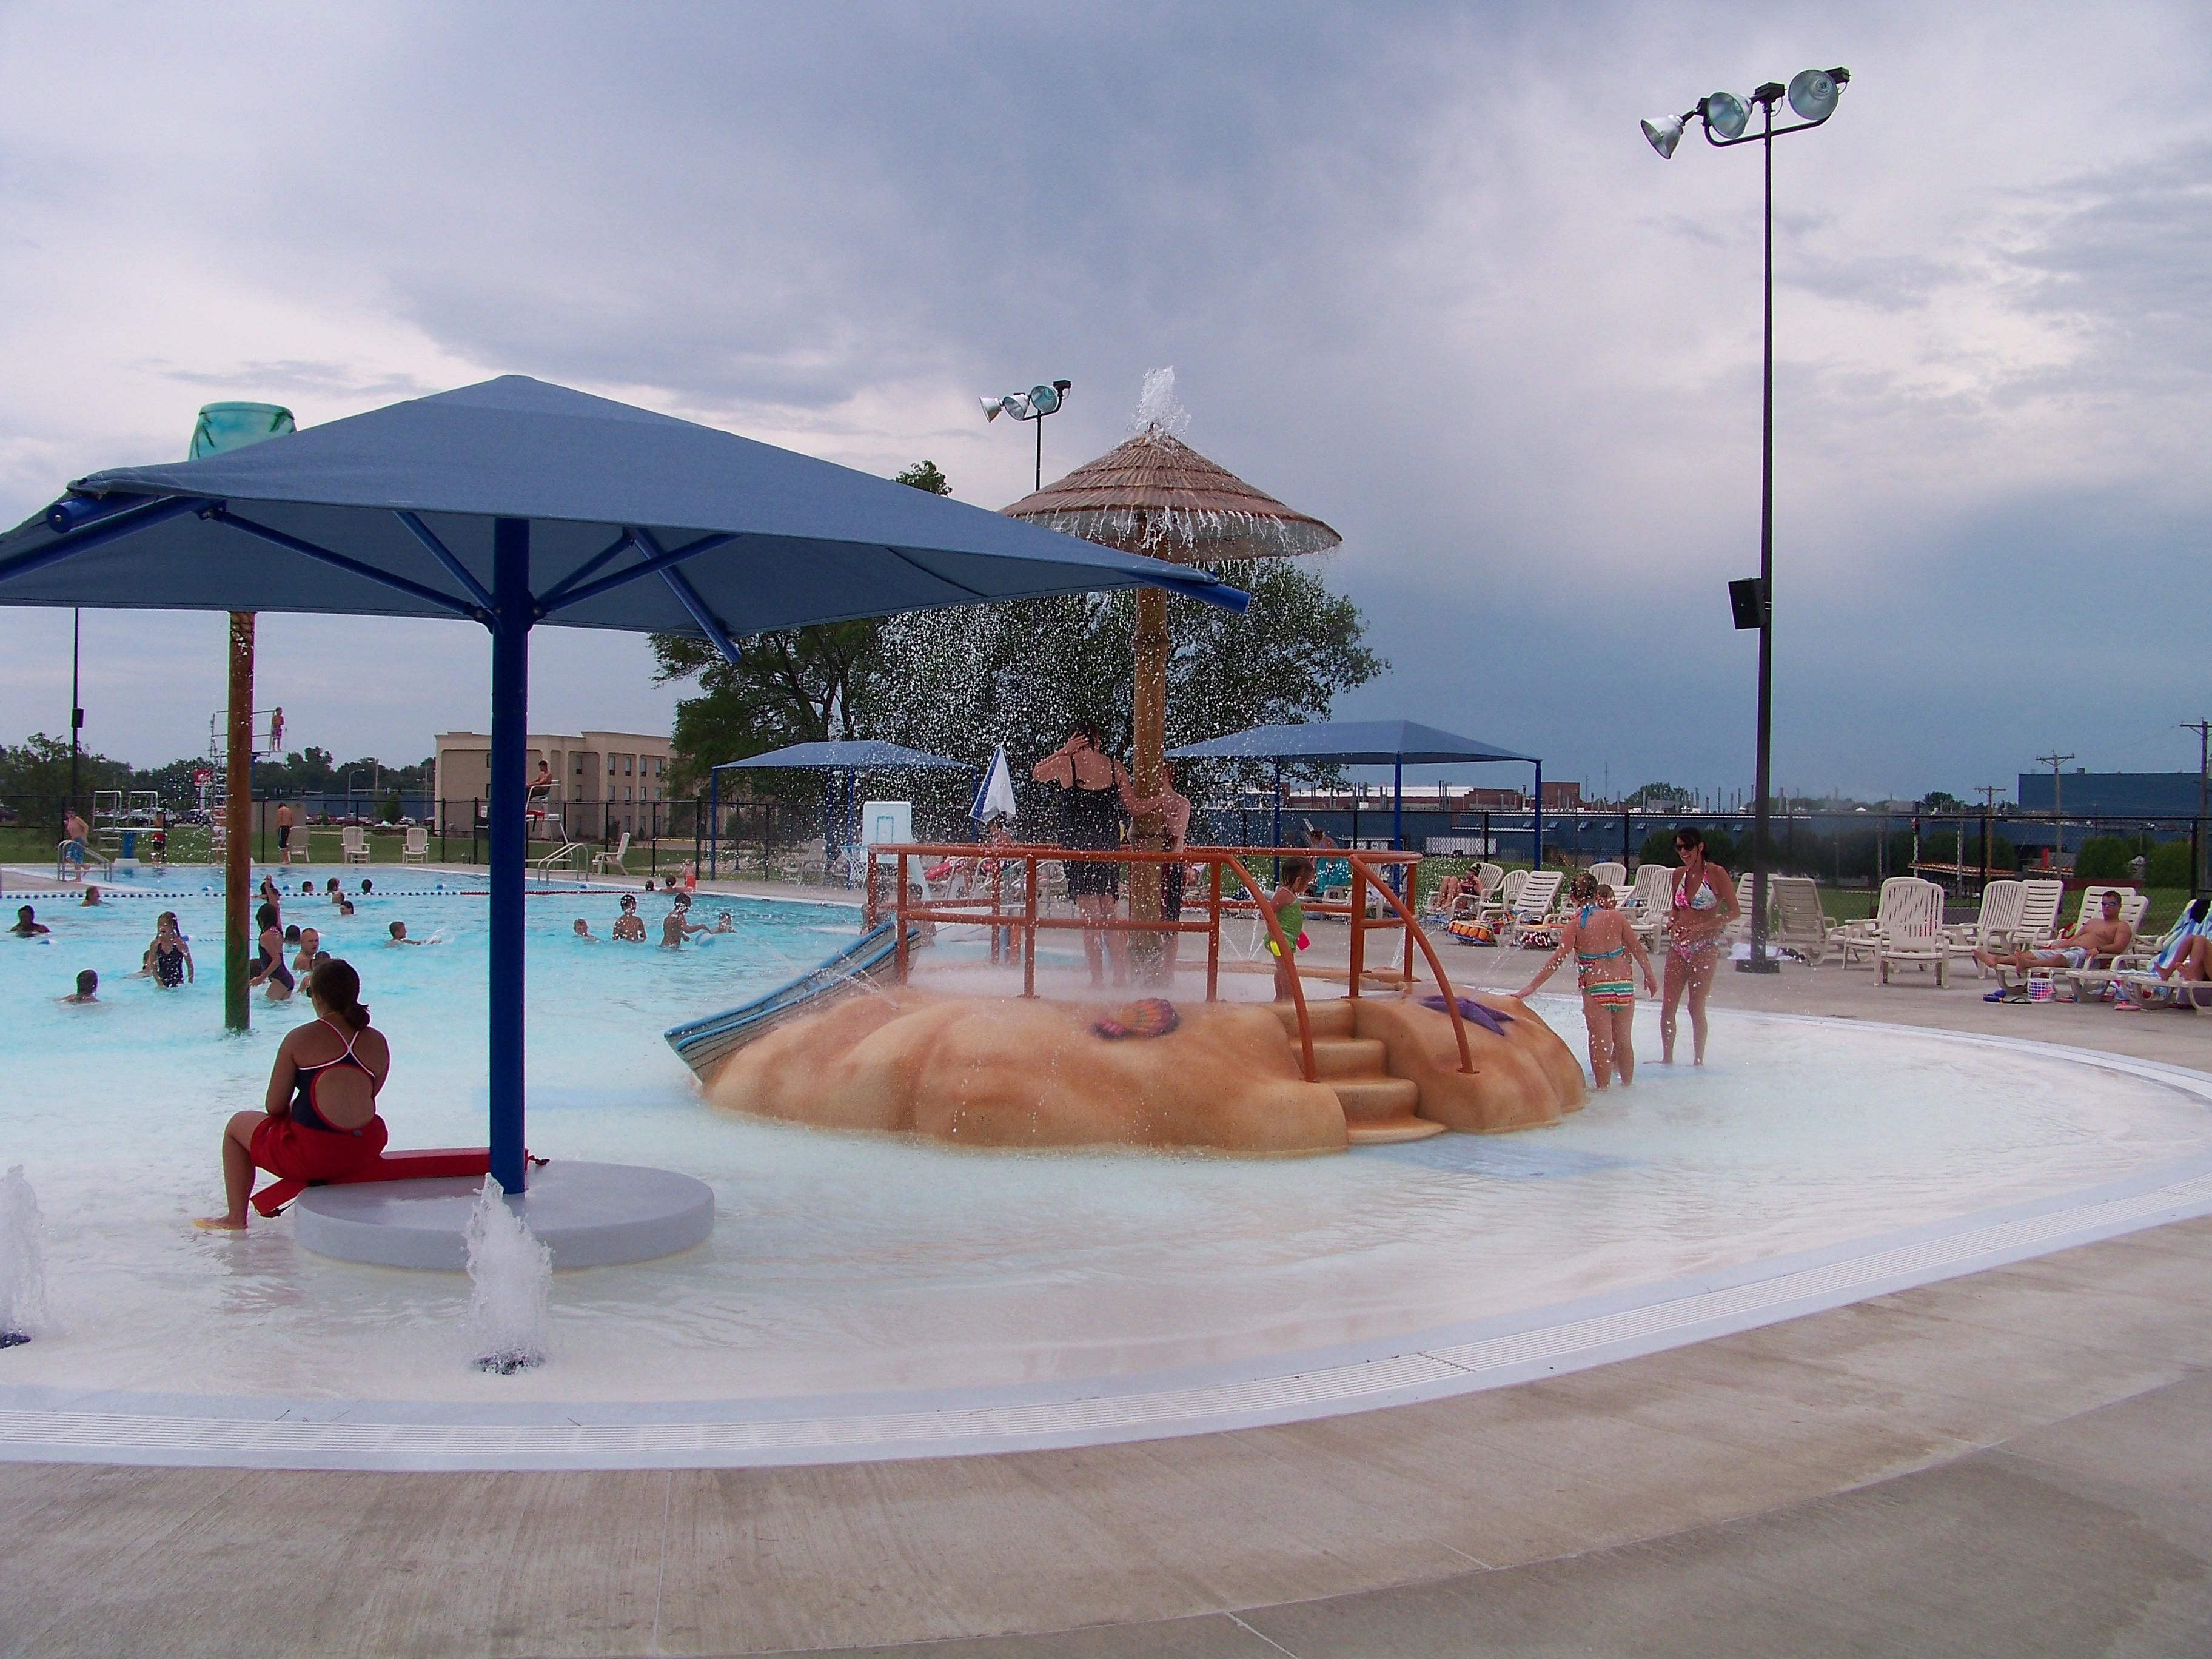 Aquatic Center City of Keokuk